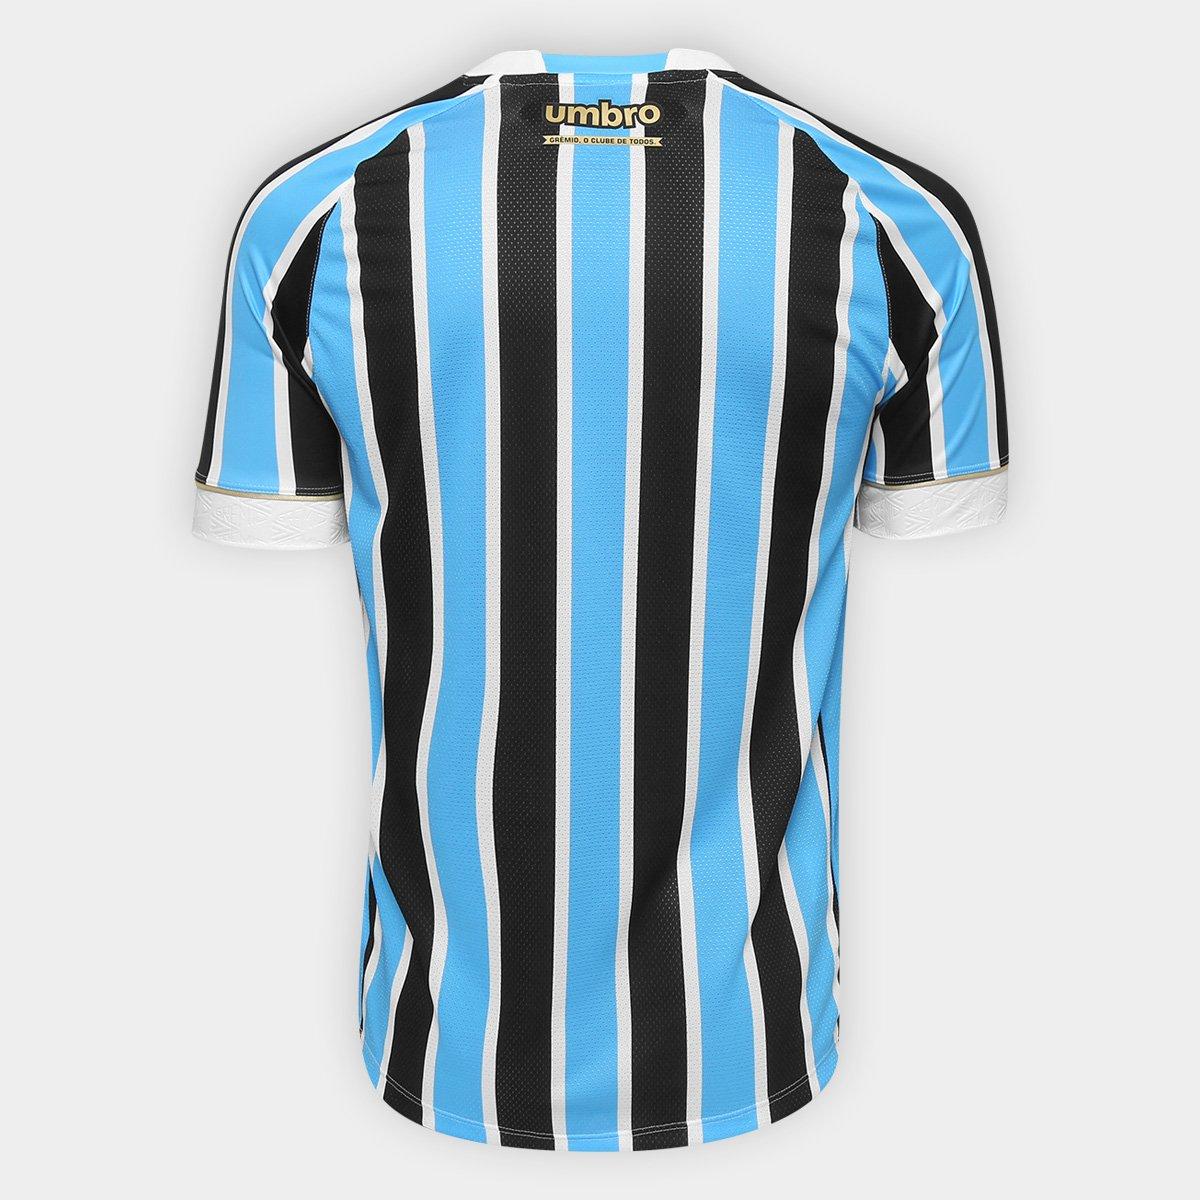 ... Camisa Grêmio I 18 19 s n° Torcedor Umbro - Patch Campeão Libertadores  ... 9c9a5c4237ca8